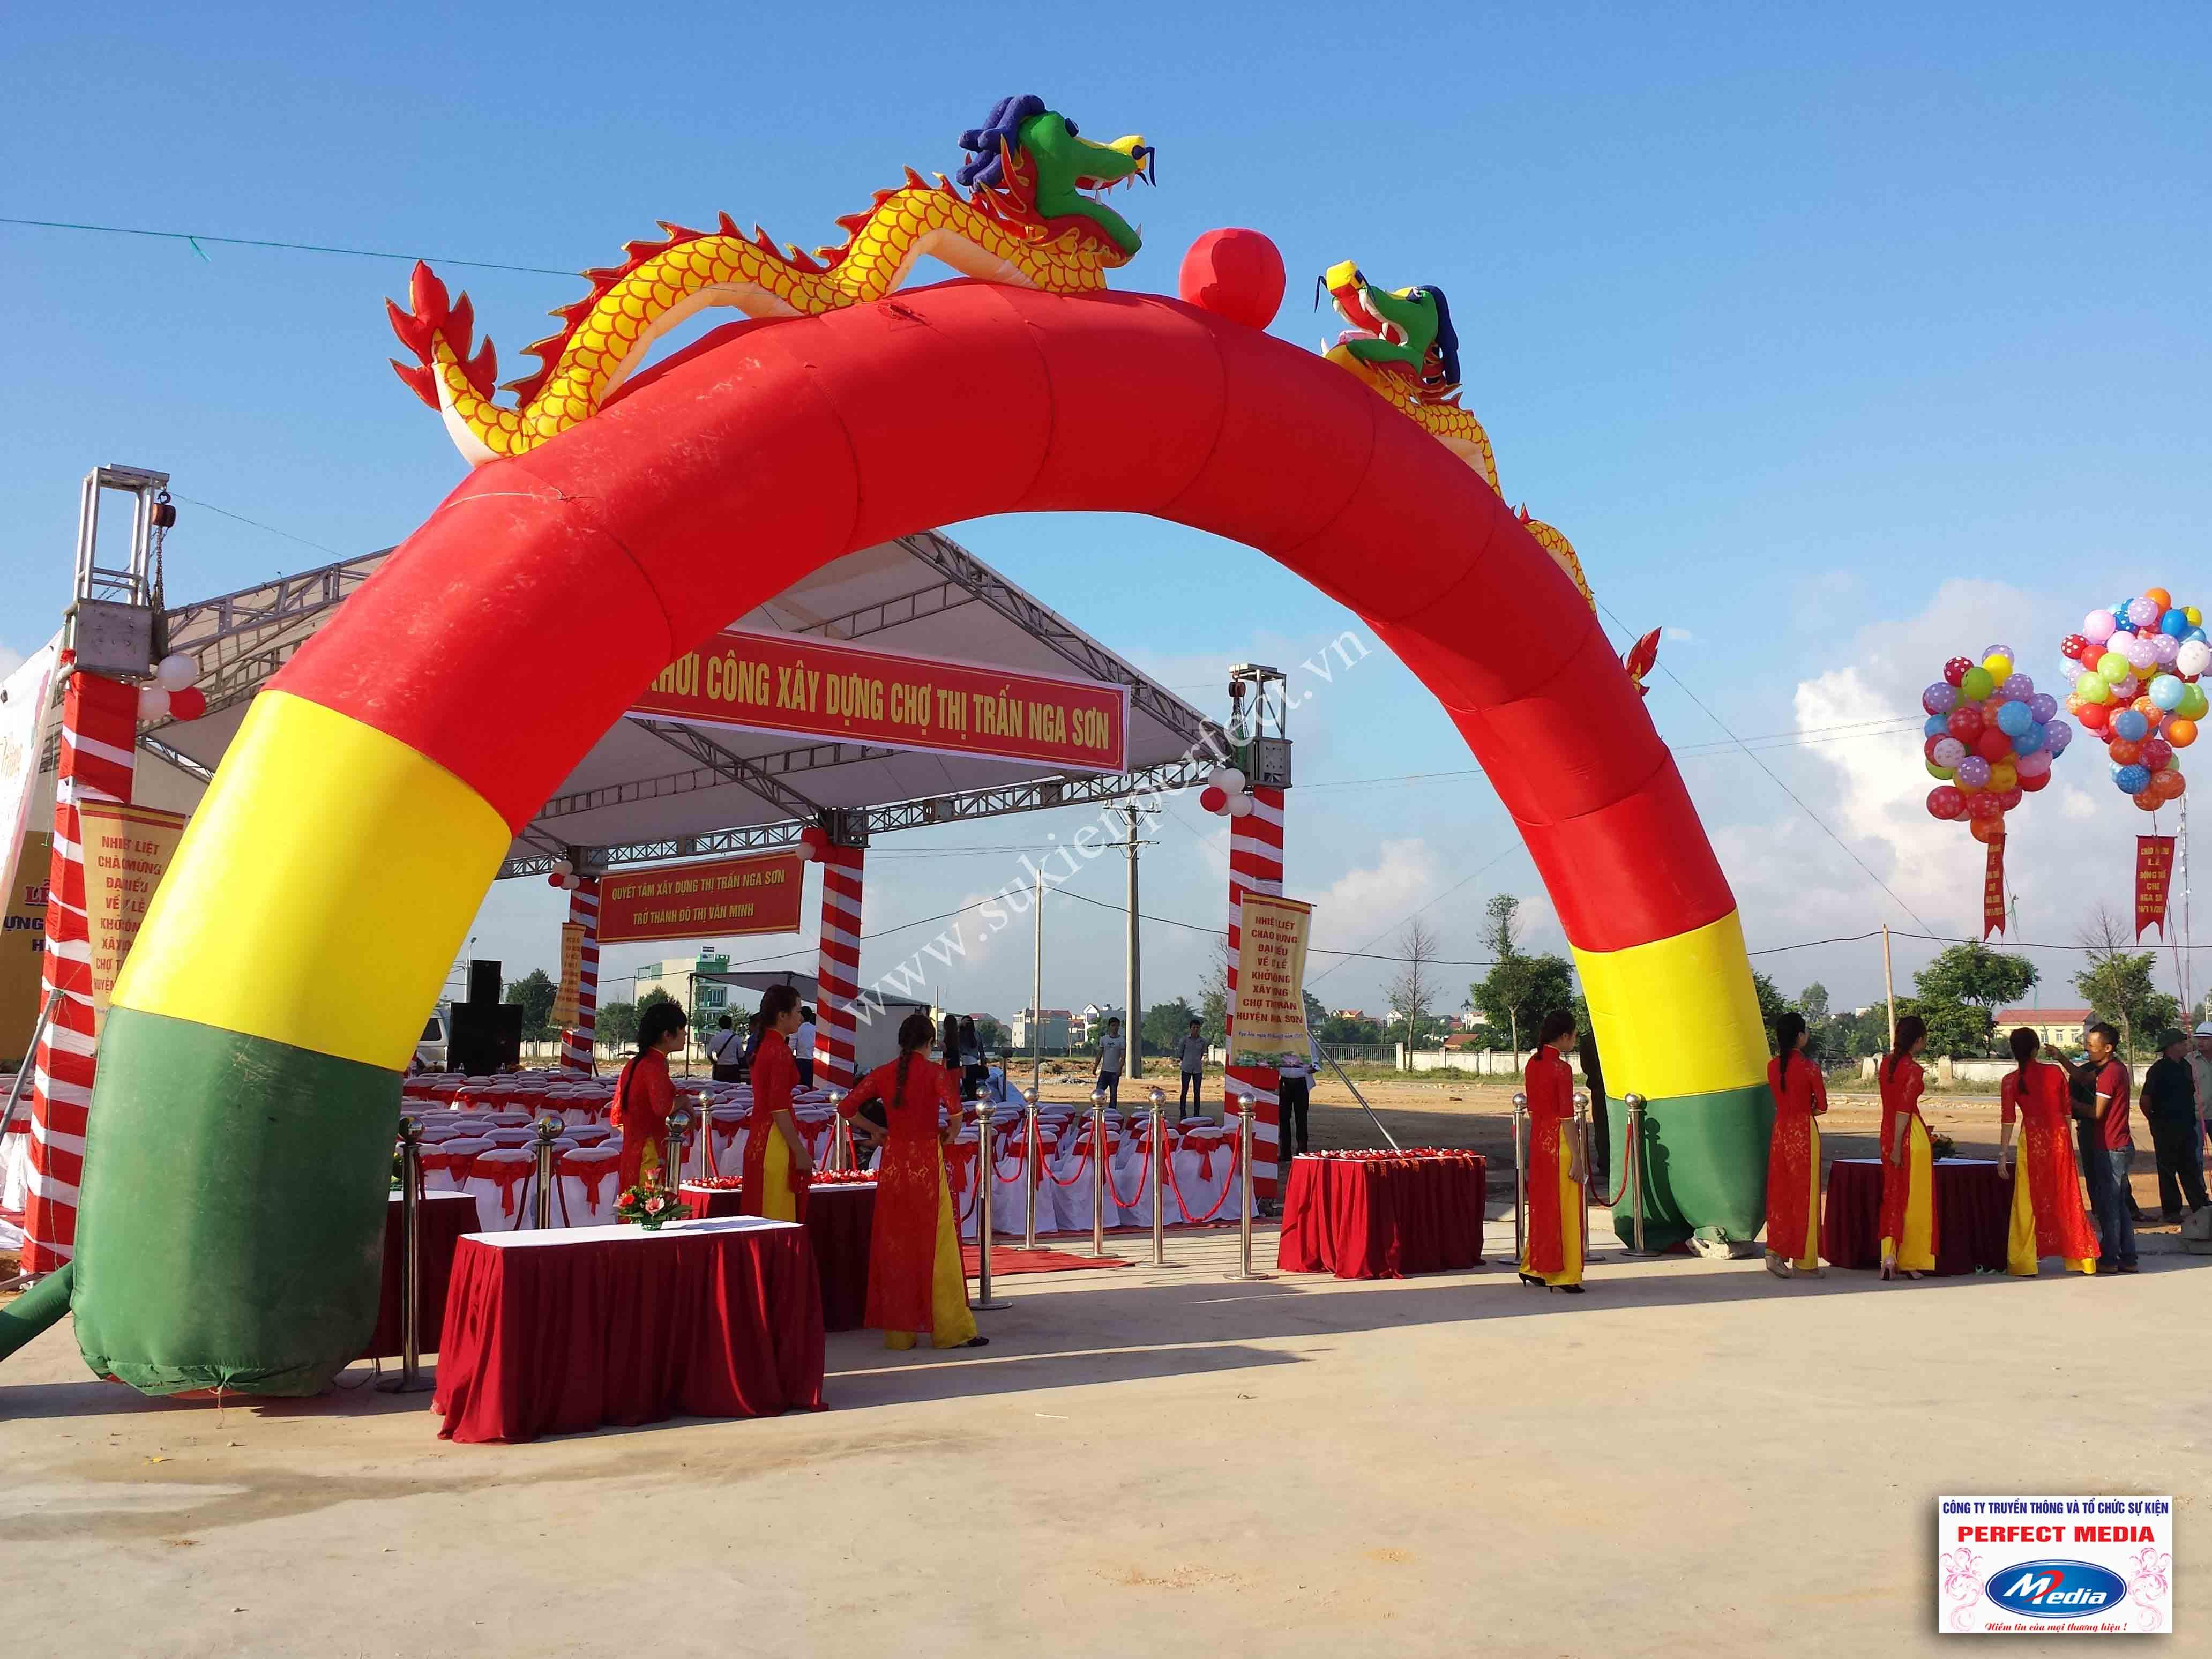 Hình ảnh hội trường lễ khởi công xây dựng chợ thị trấn huyện Nga Sơn 03